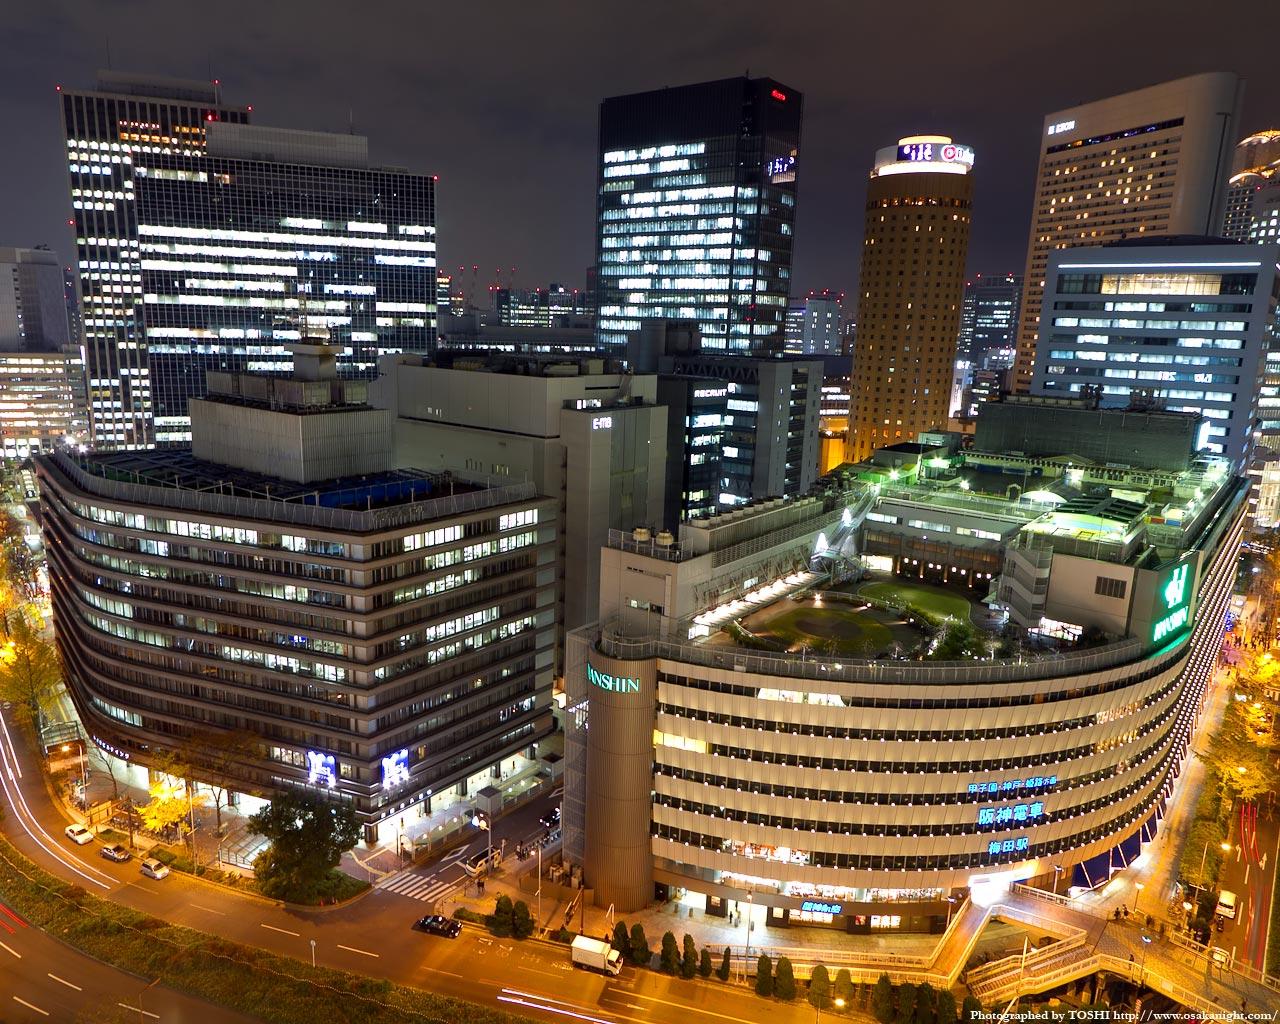 大阪駅前ダイヤモンド地区の俯瞰夜景2